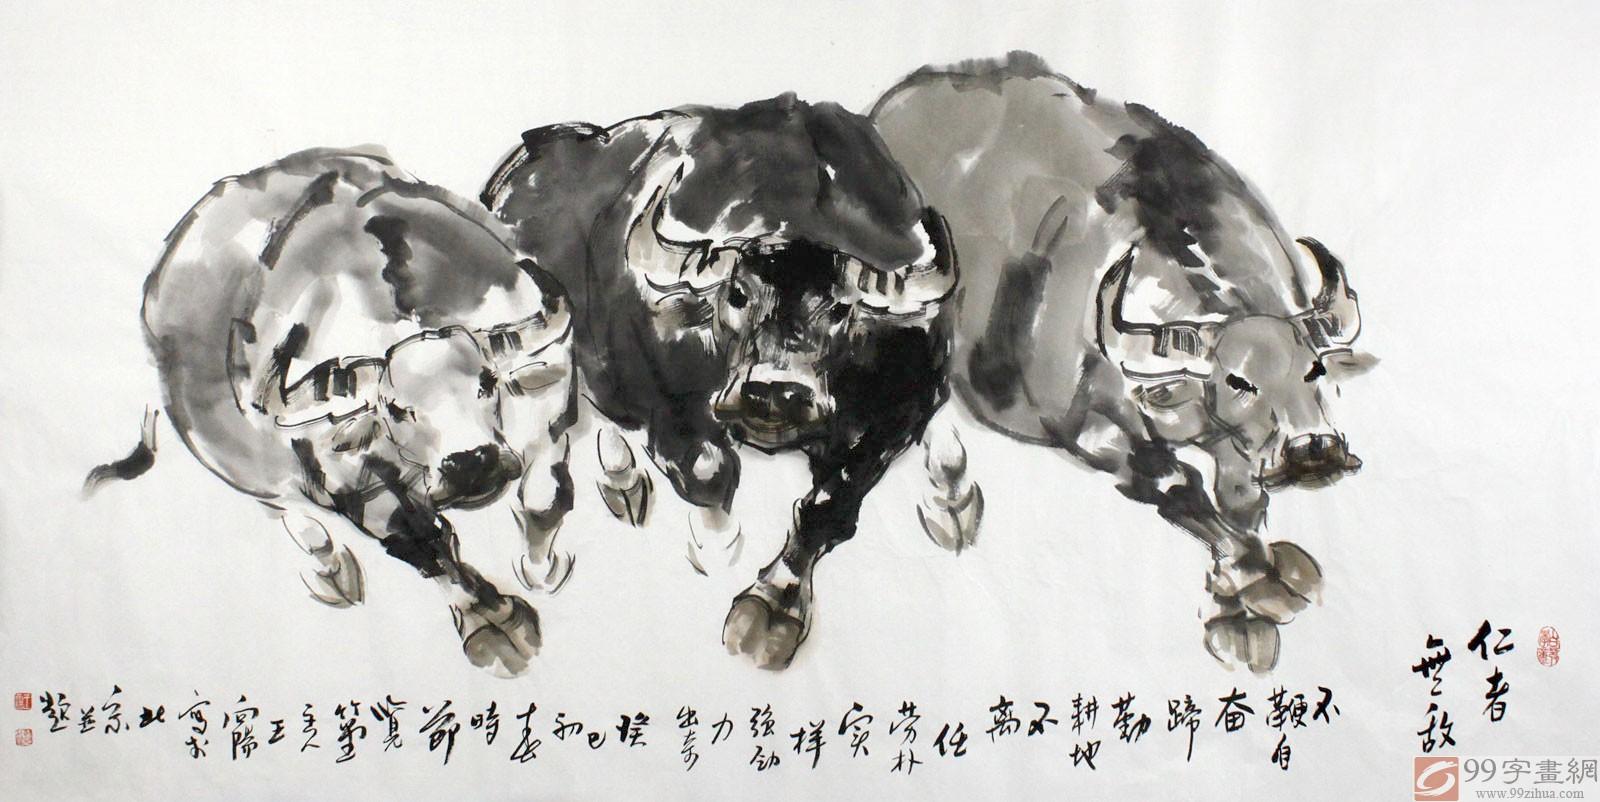 著名动物画家王向阳牦牛作品《银色世界》(询价)